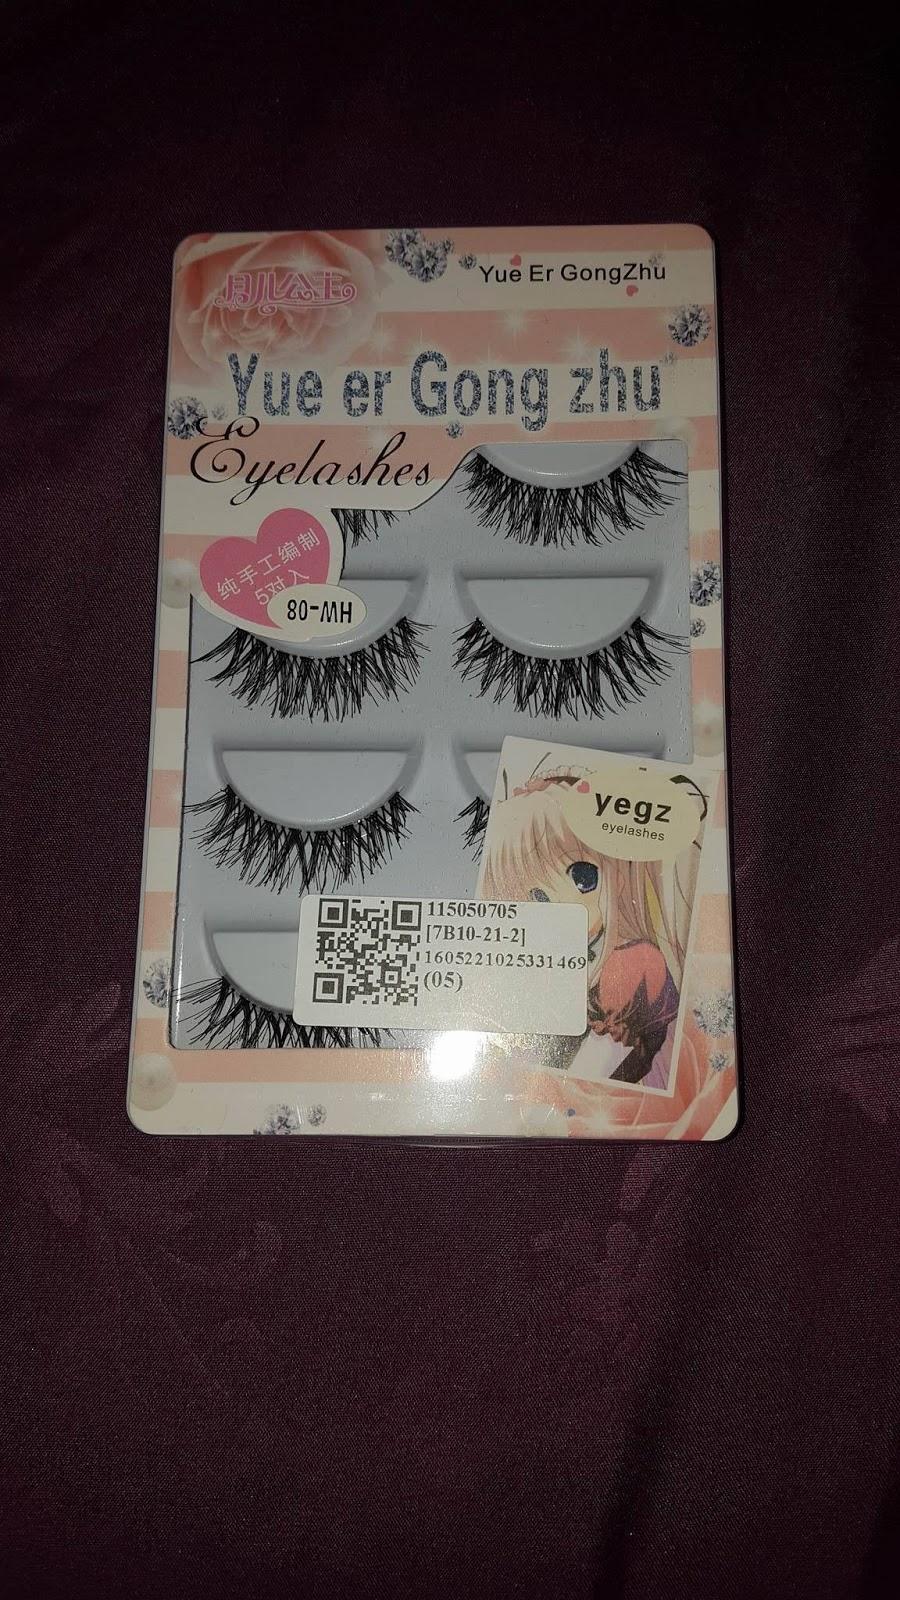 Amazon 2 Lashes Yue Er Gong Zhu Lashes 80 Mh Mxkocchis Blog